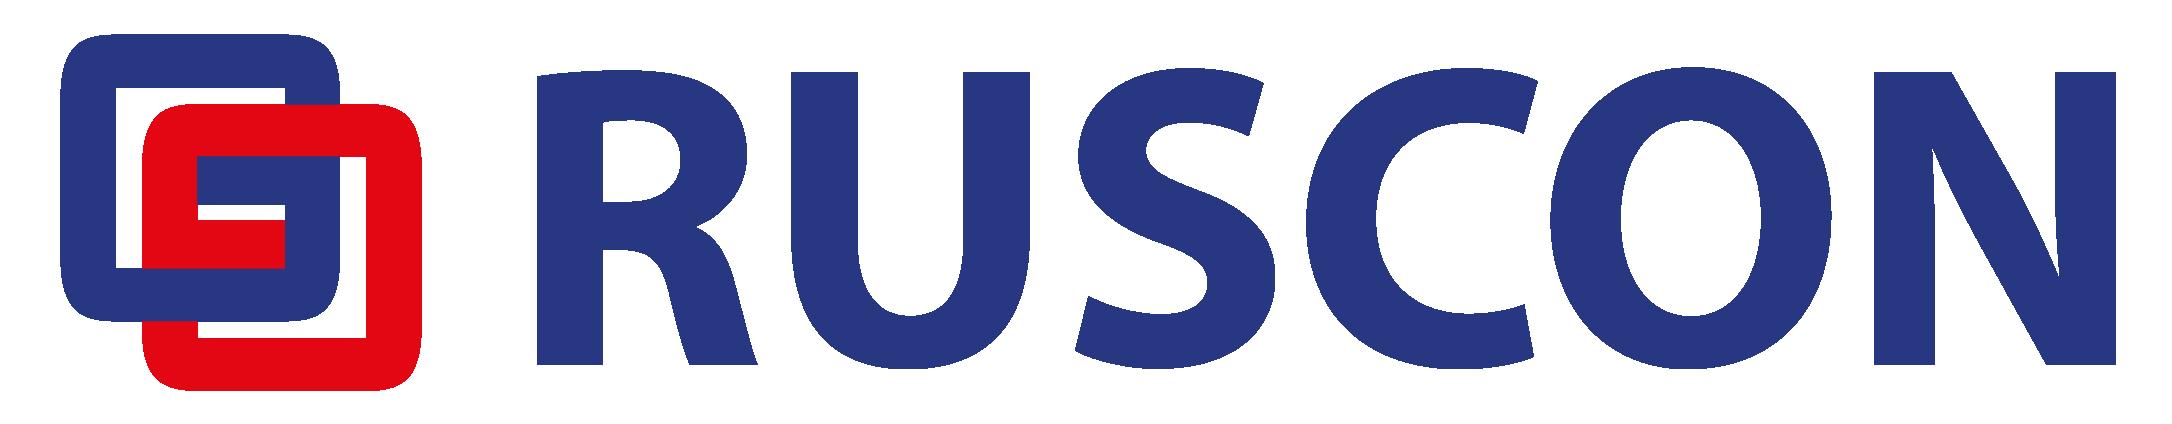 RUSCON_logo2